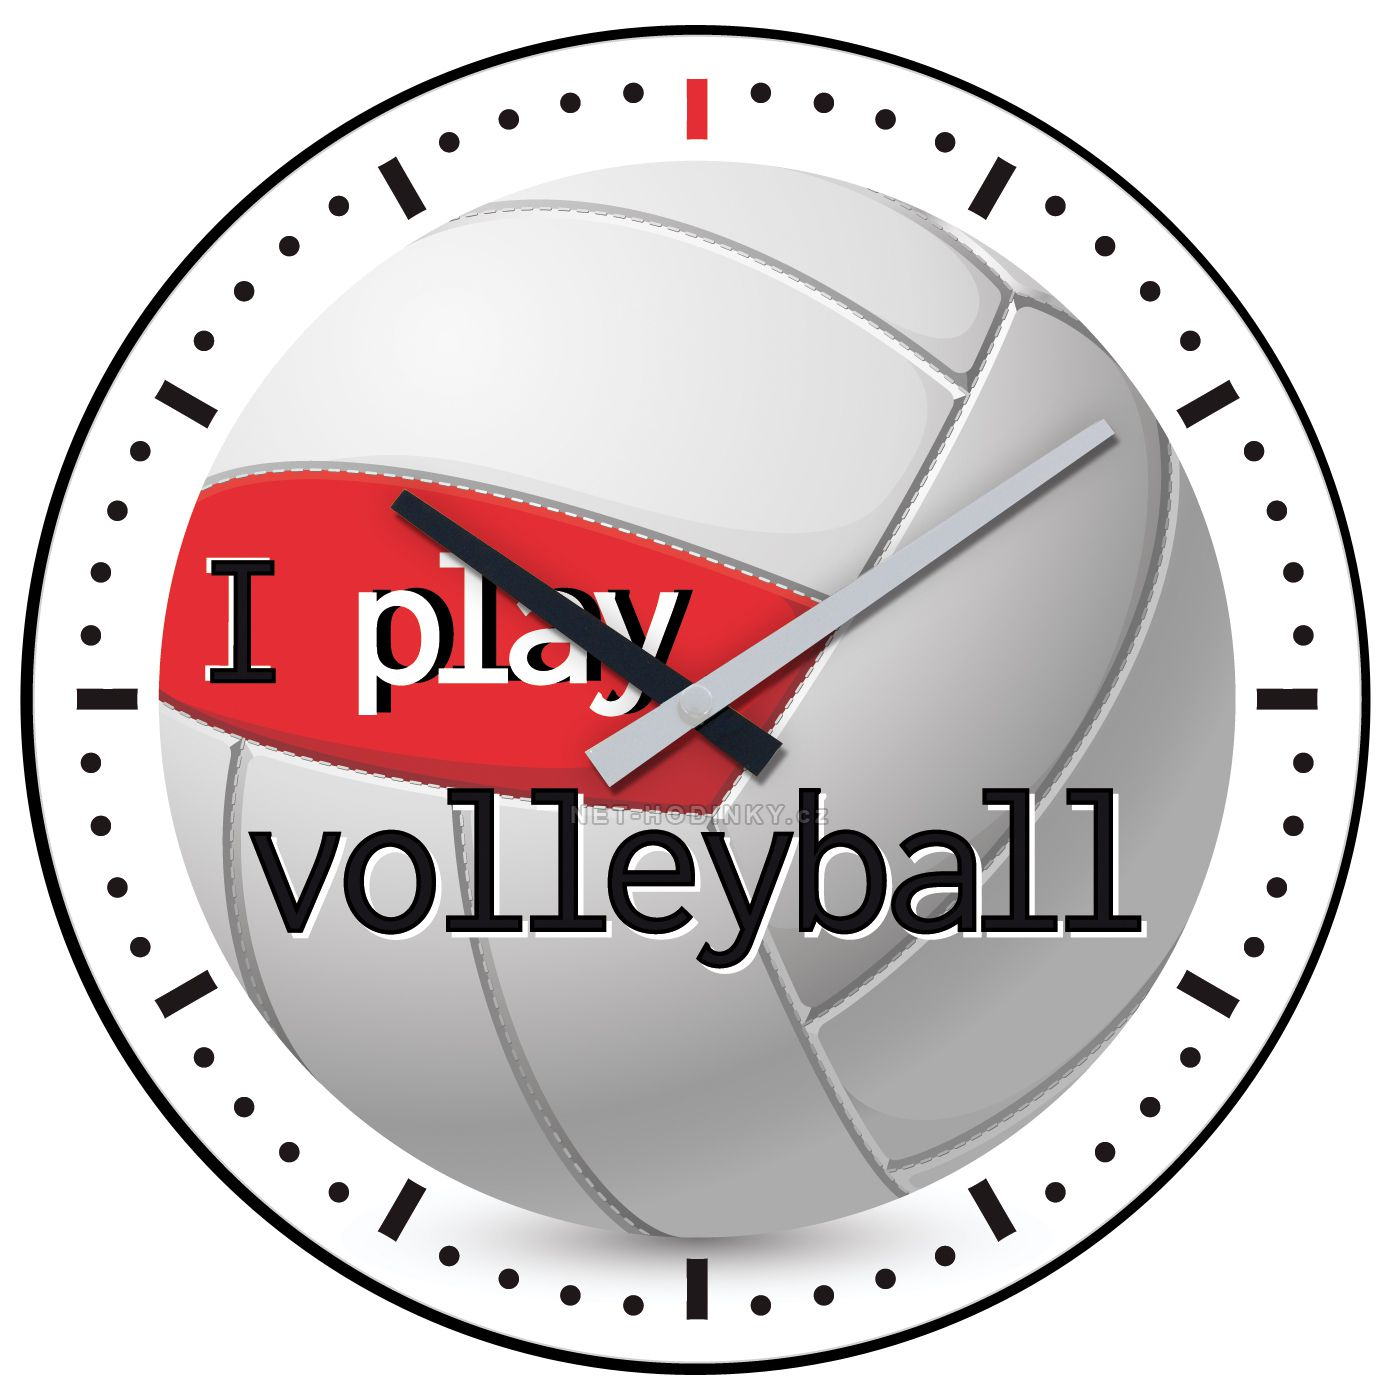 Nástěnné hodiny na stěnu Volleyball, Bowling, Basketbal, Fotbal, Golf nástěnné hodiny na zeď, dětské hodiny H701N Volleyball